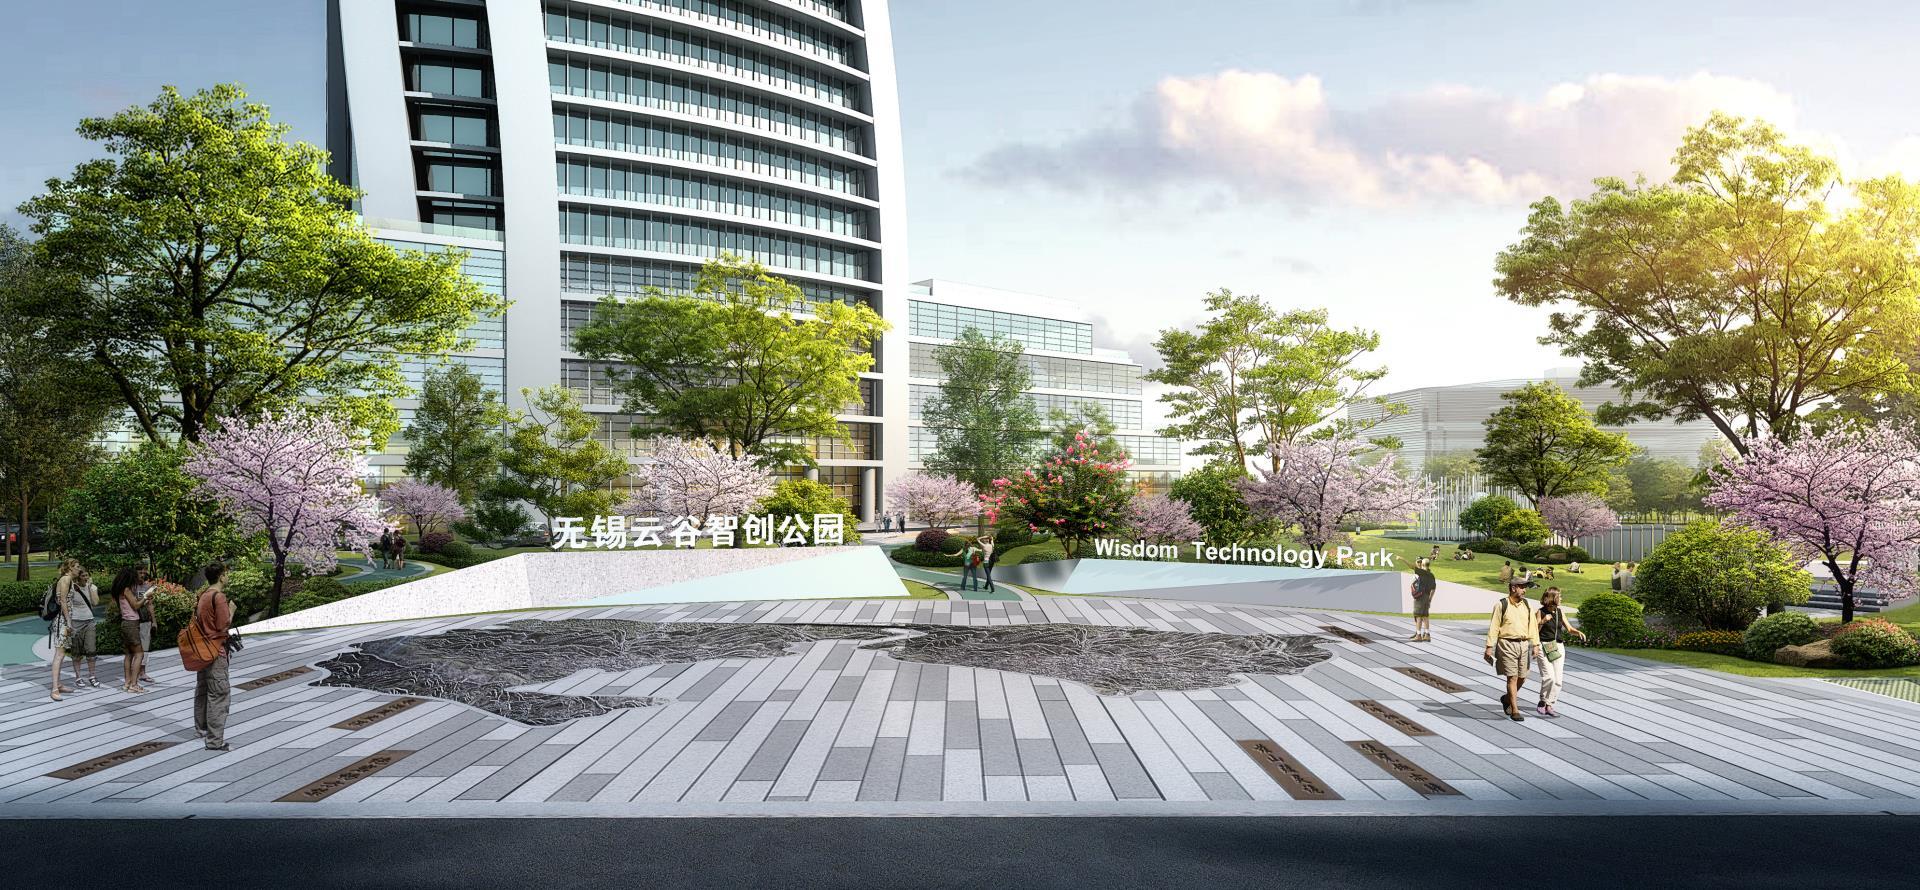 出售(出租)无锡新吴区研产厂房,核心地段环境佳